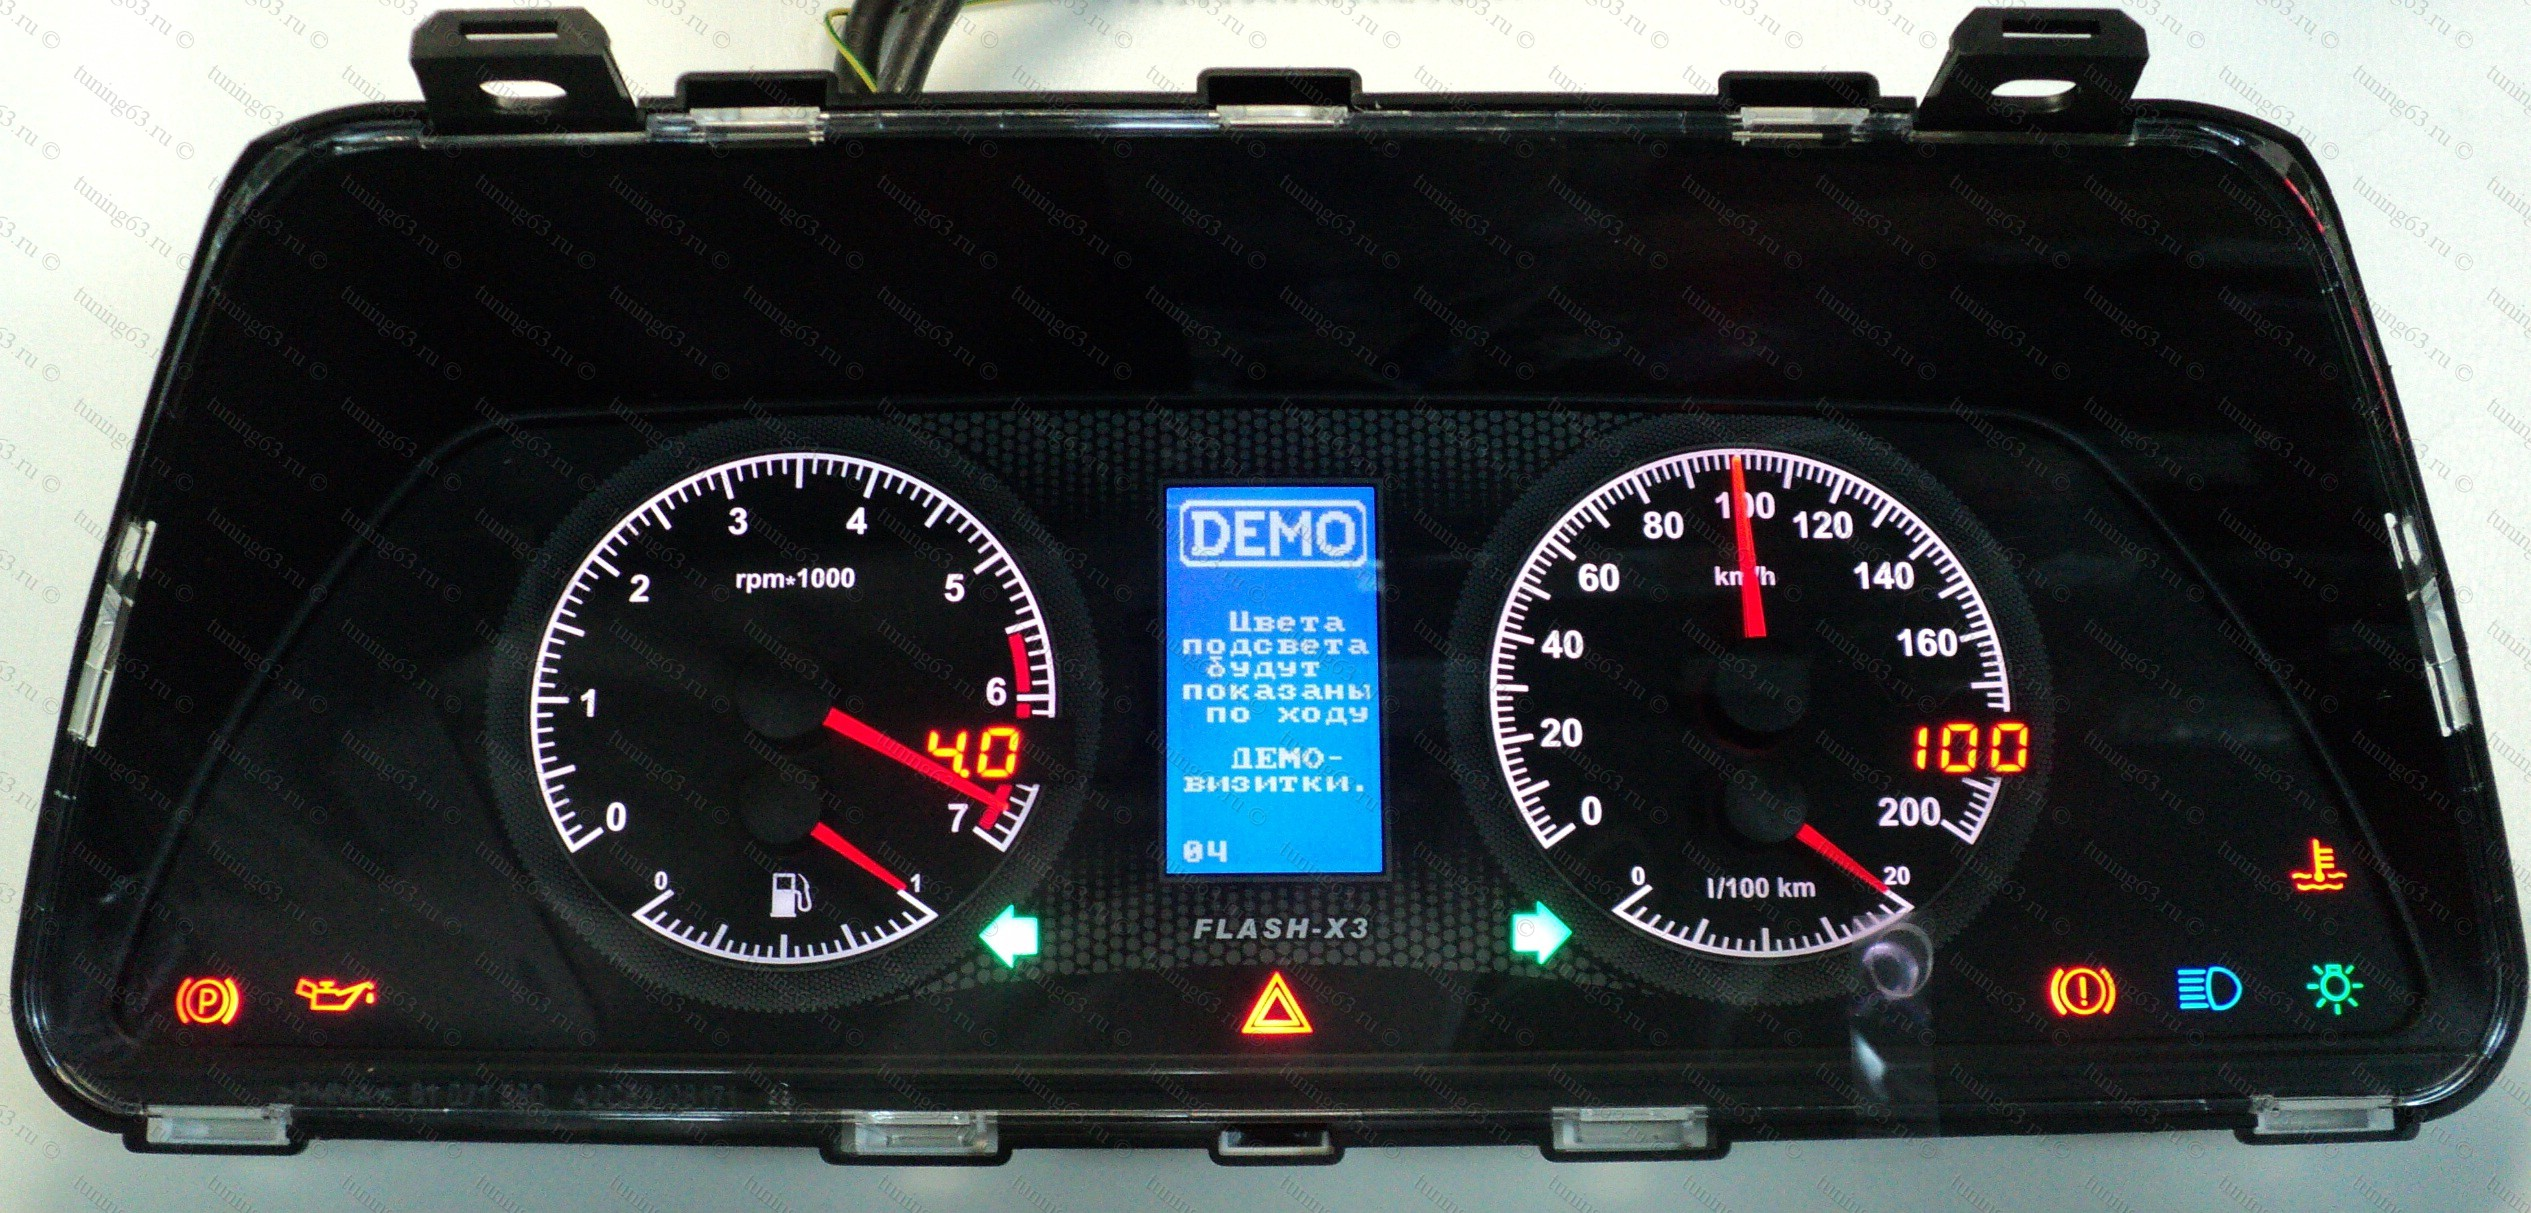 Фото №3 - приборная панель для ВАЗ 2110 с бортовым компьютером